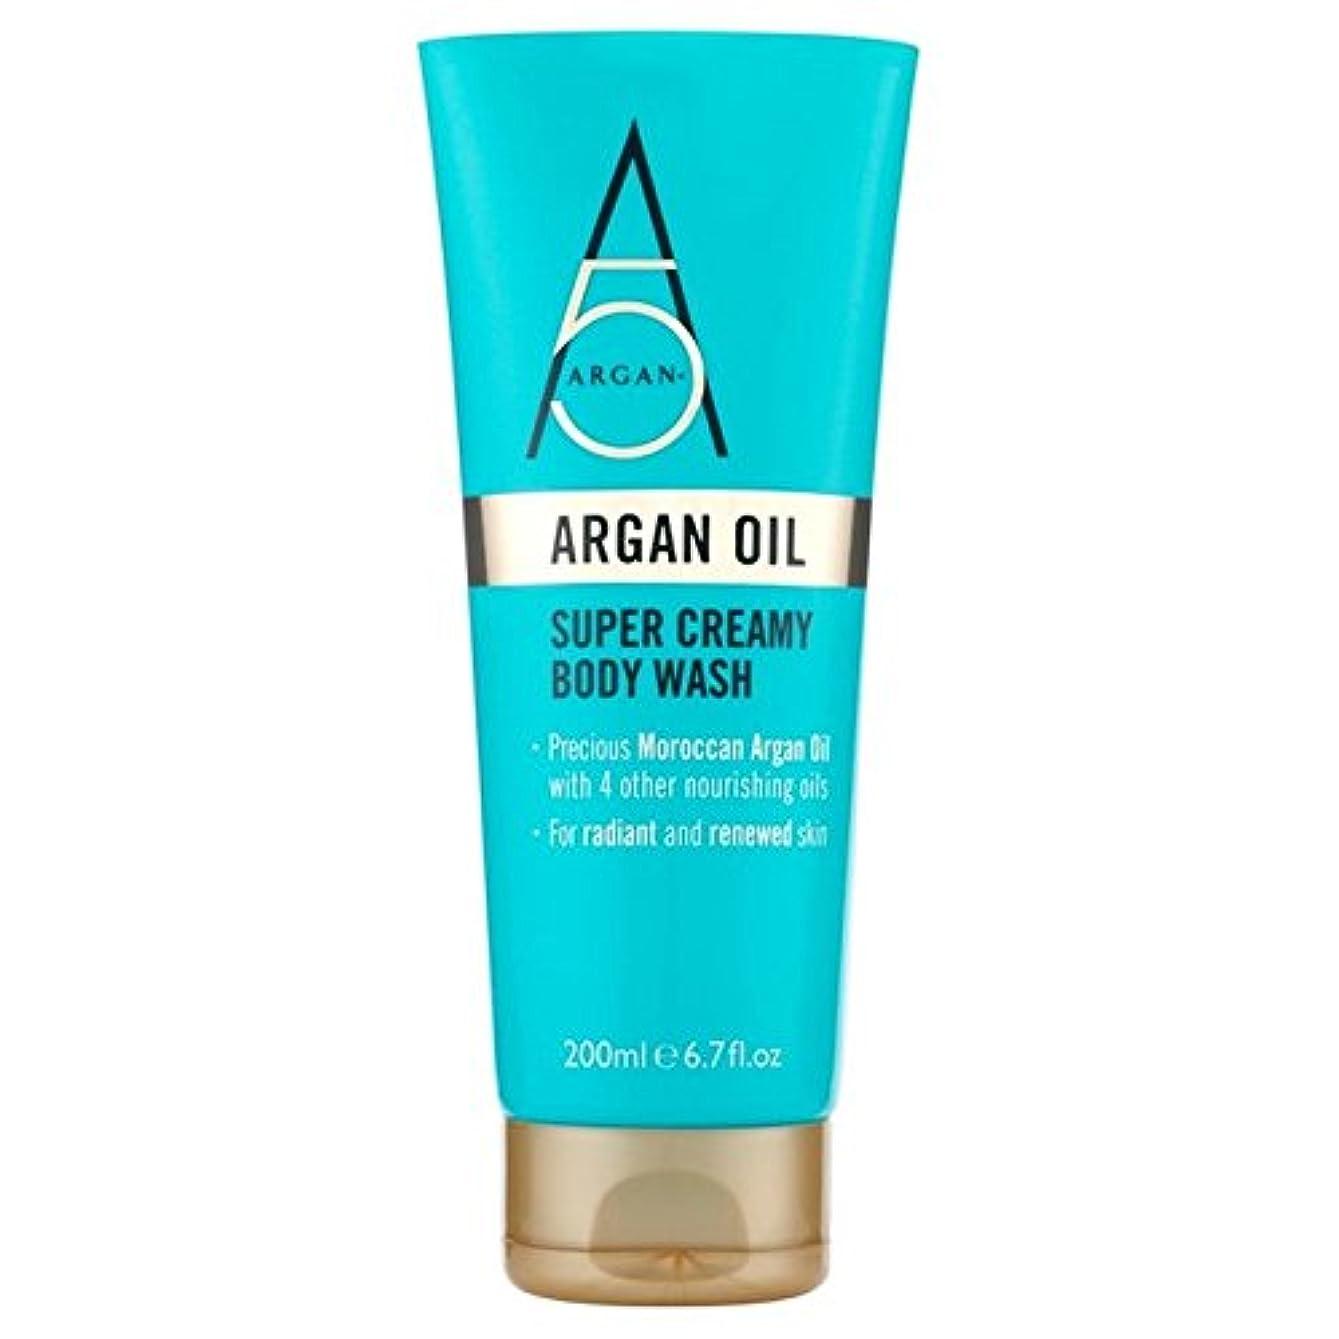 アイザック上流のクラックArgan+ Super Creamy Body Wash 200ml - アルガン+スーパークリーミーボディウォッシュ200ミリリットル [並行輸入品]